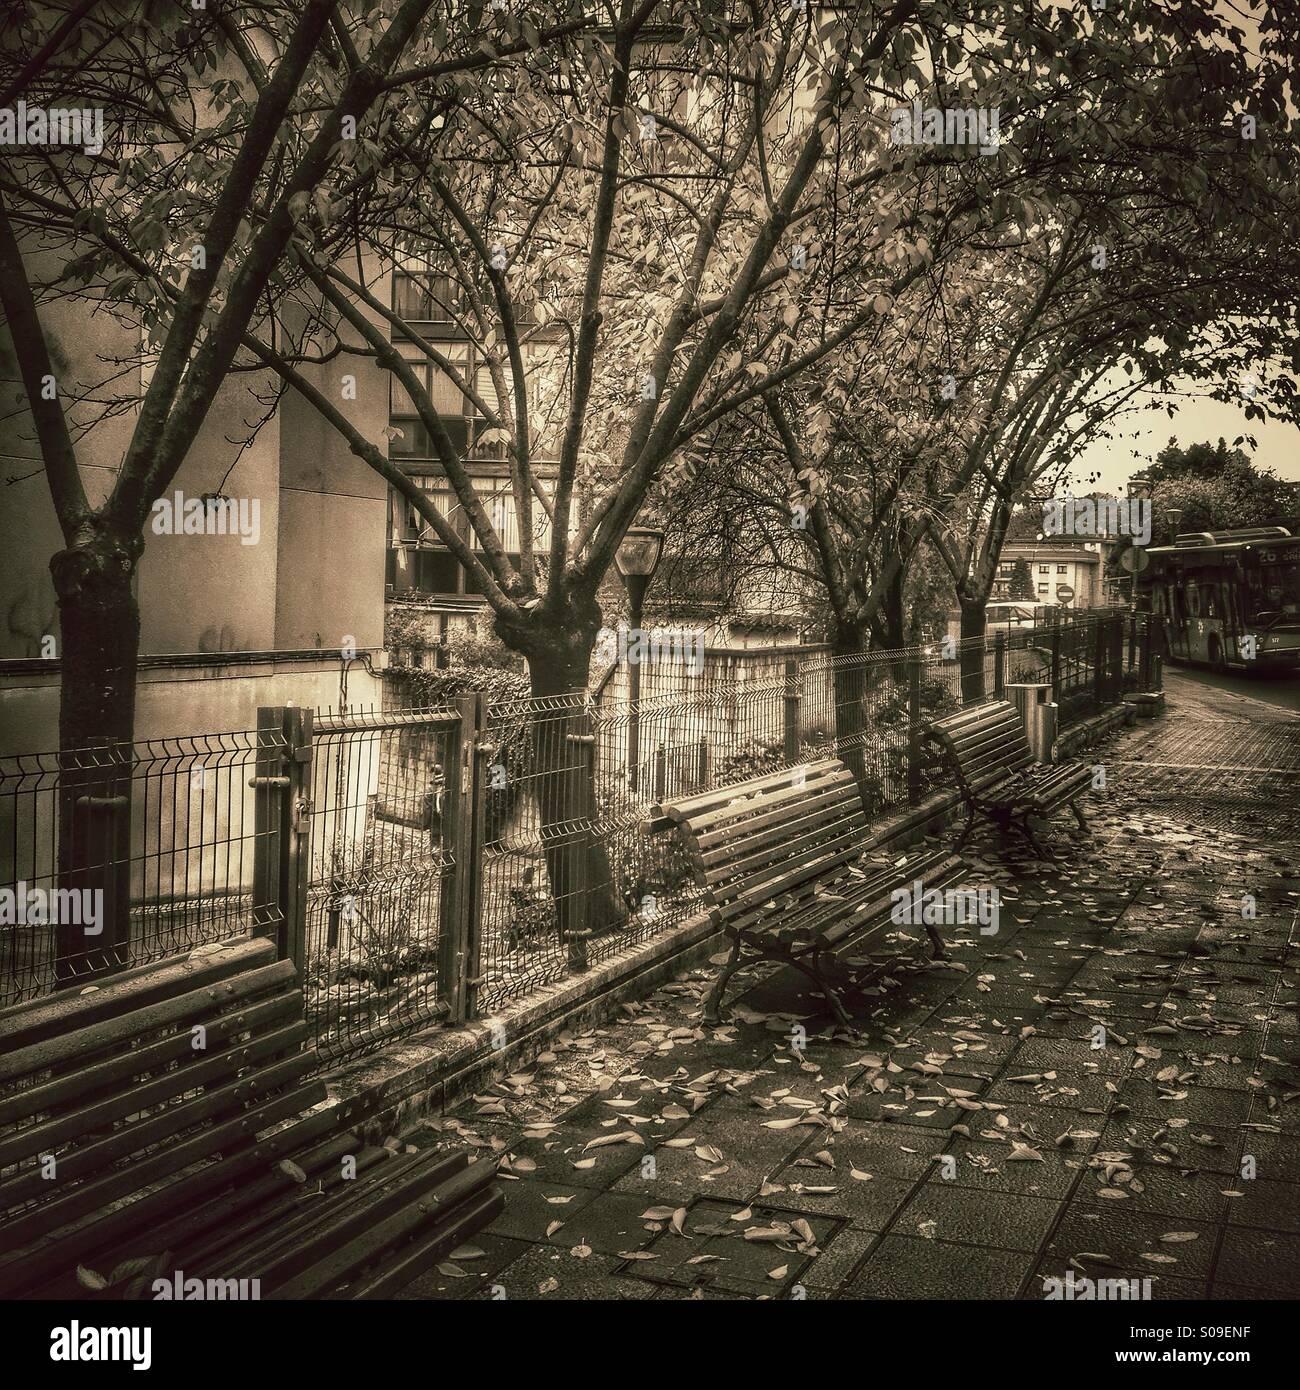 Lilly Roma Wallpaper: Urbano Stock Photos & Urbano Stock Images